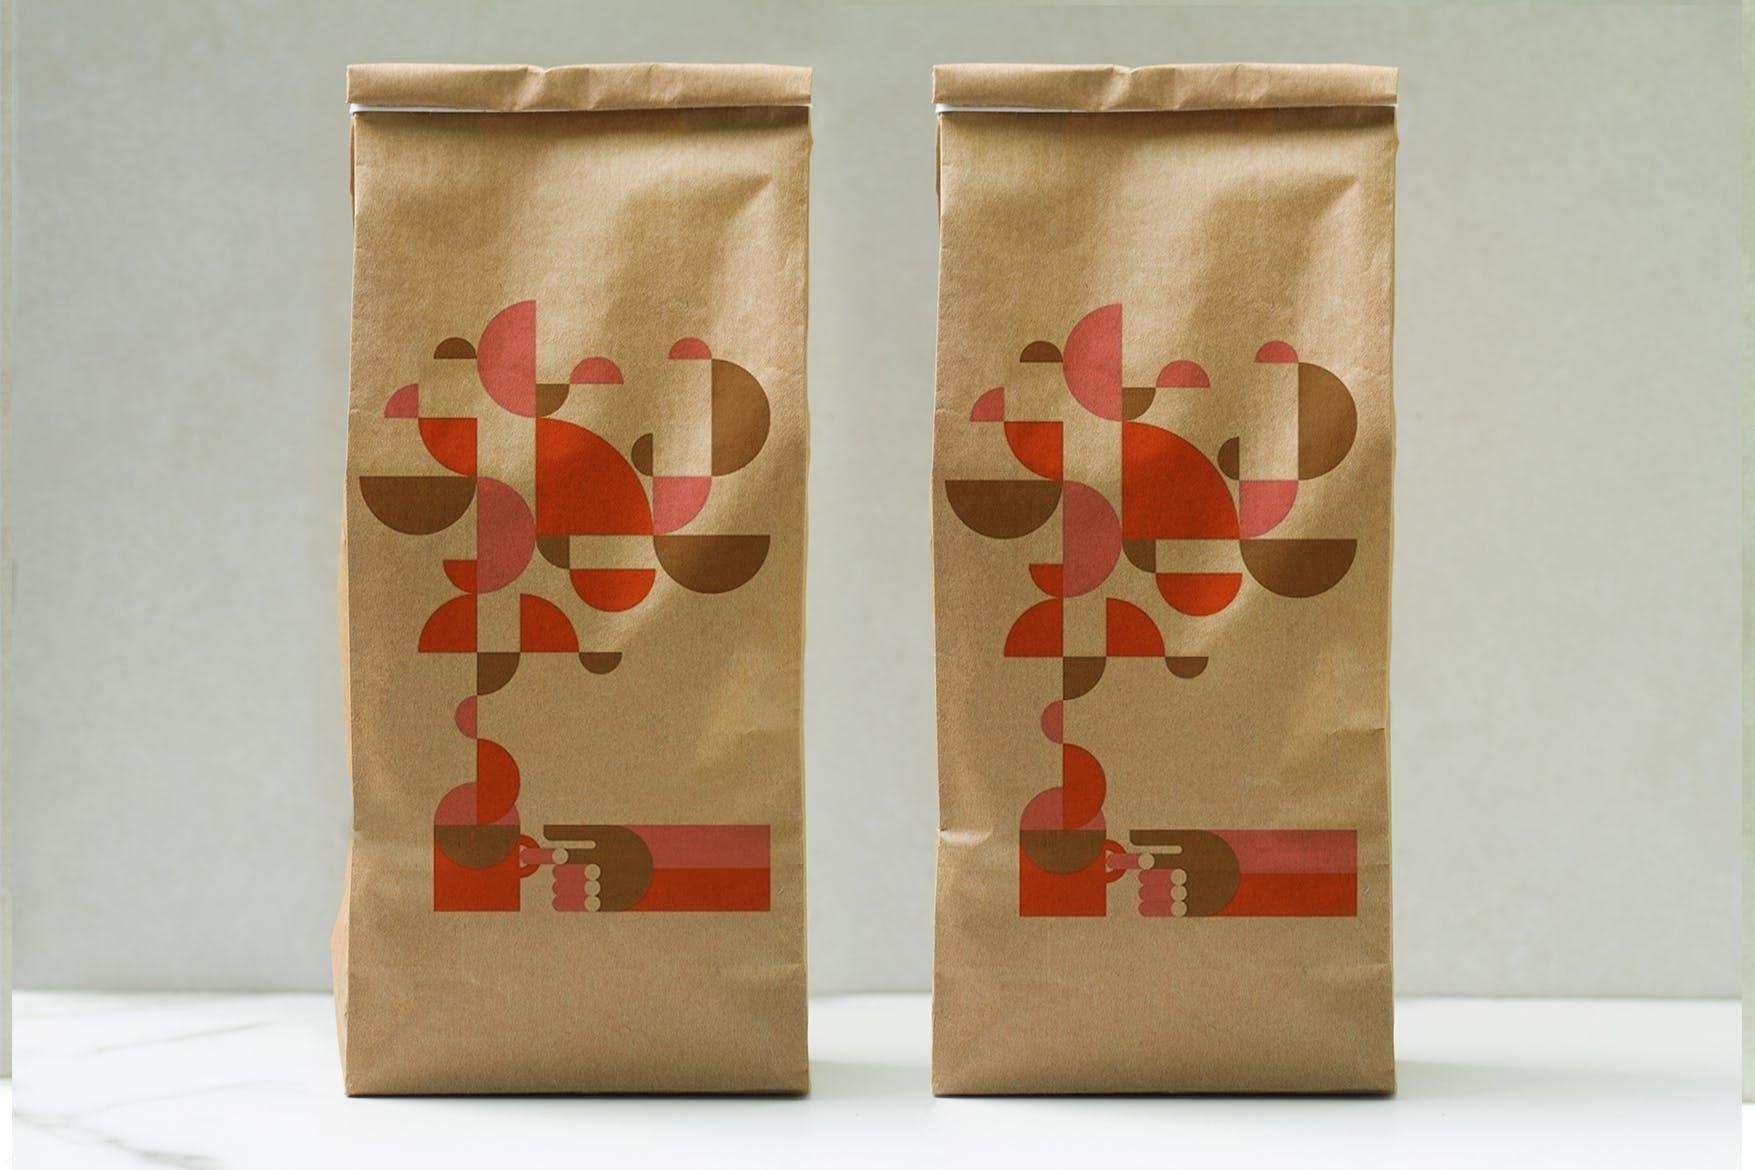 咖啡自封袋样机封面模板素材展示Coffee Craft Bag Mockup